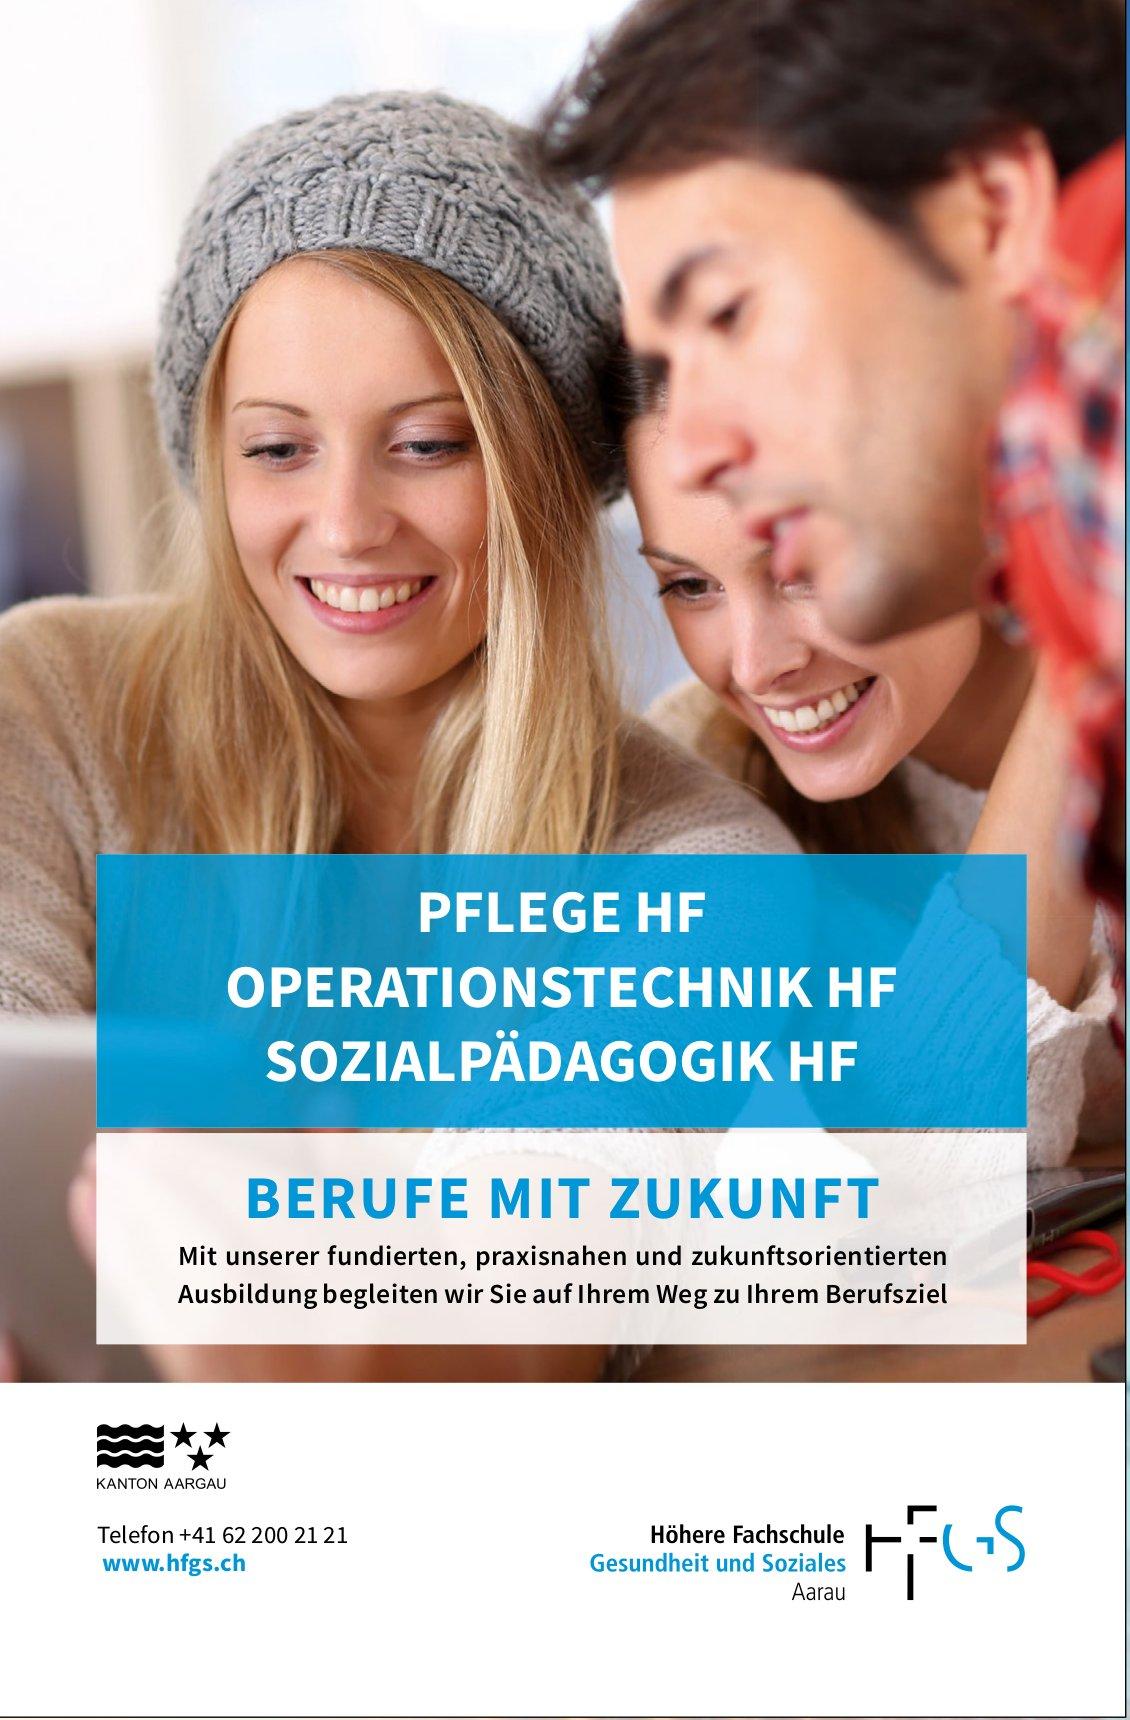 Pflege HF / Operationstechnik HF / Sozialpädagogik HF, HFGS Aarau